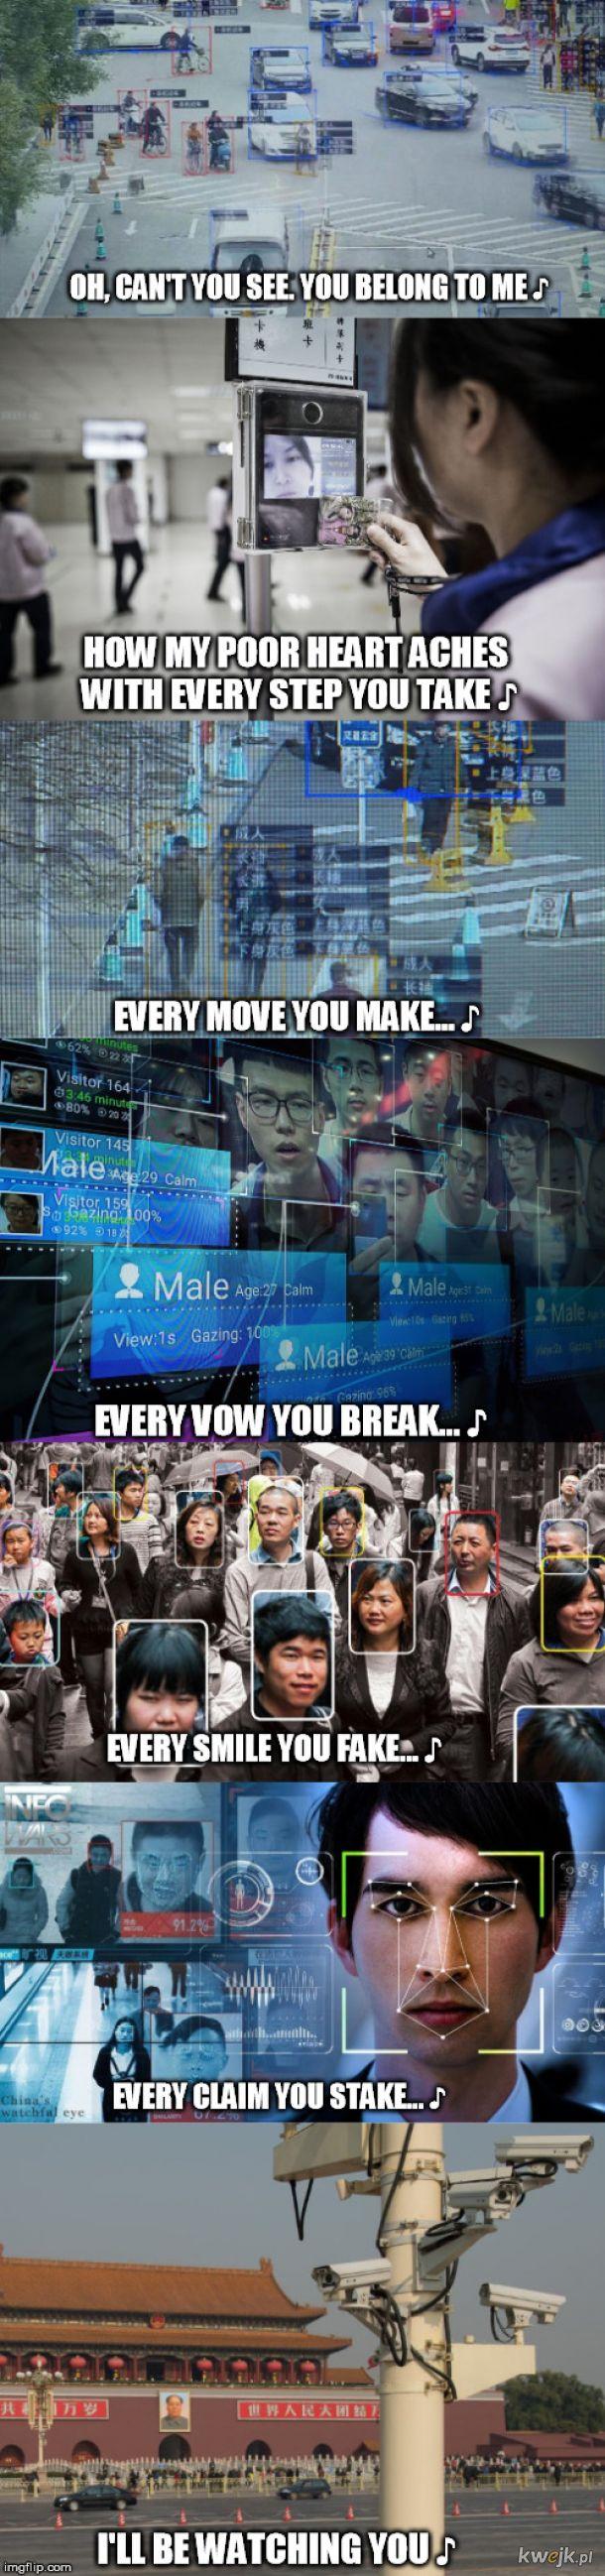 Chiński system przydatnosci społecznej